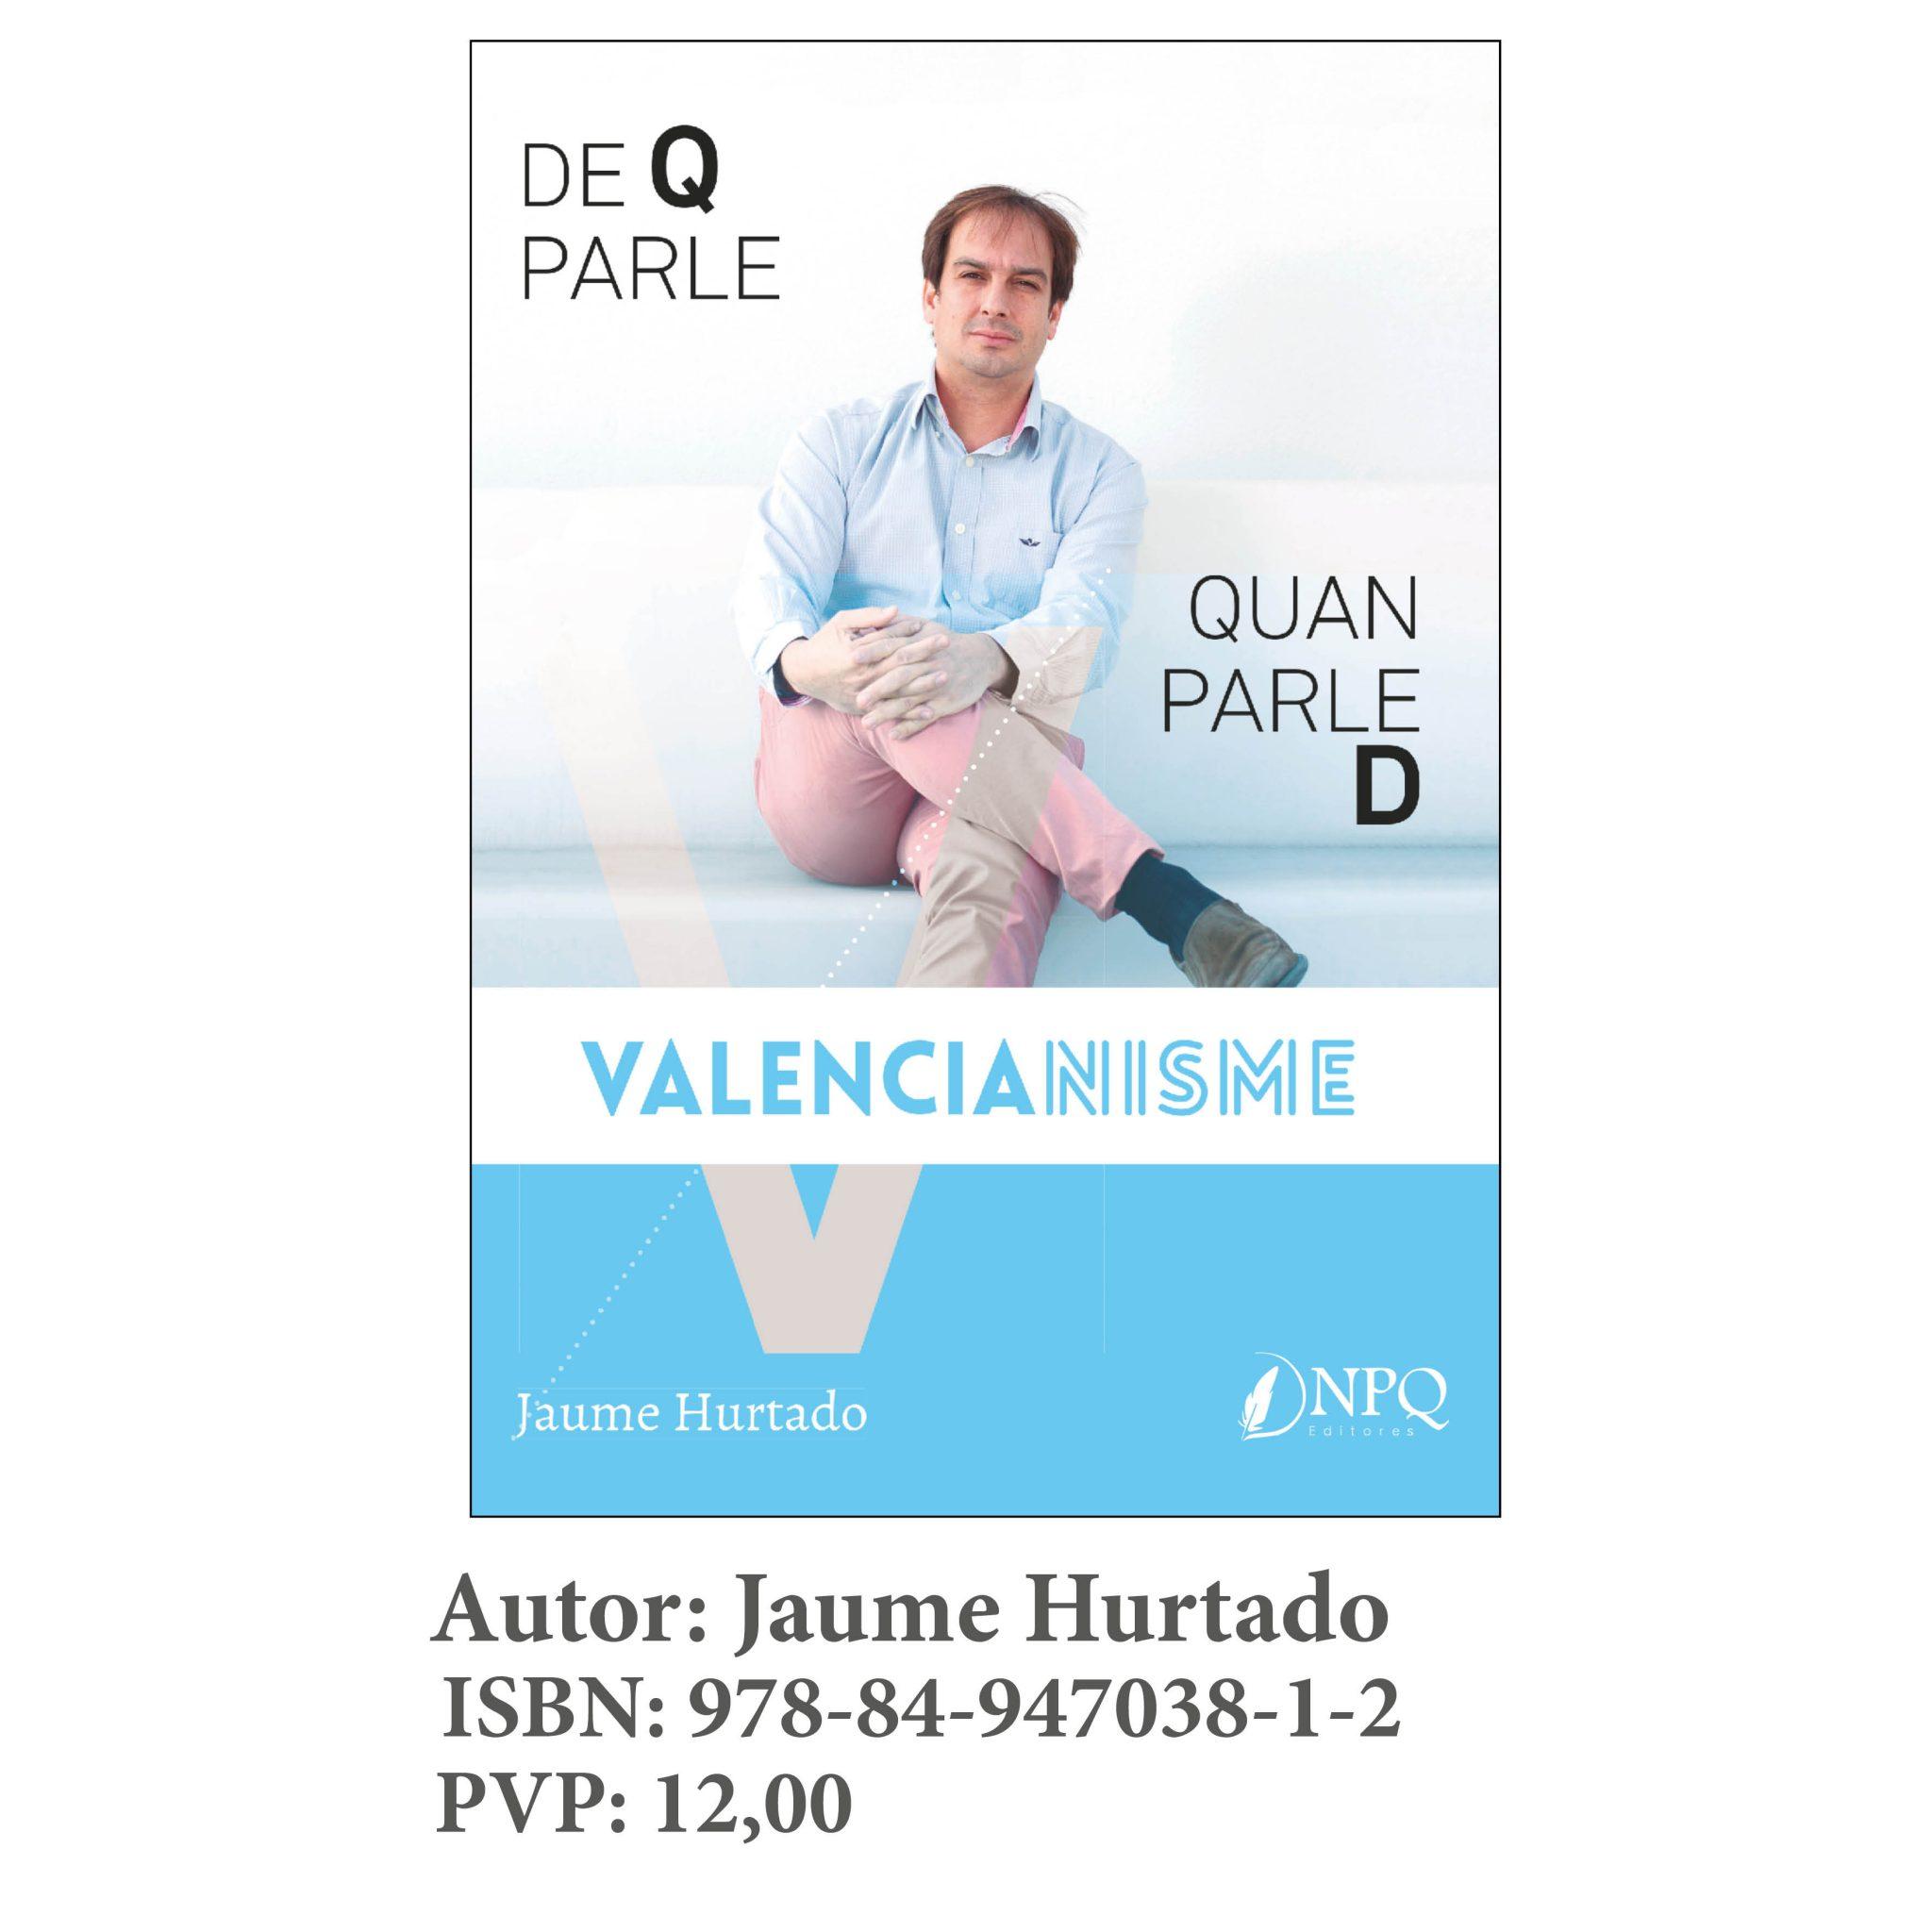 DE Q PARLE QUAN PARLE DE VALENCIANISME